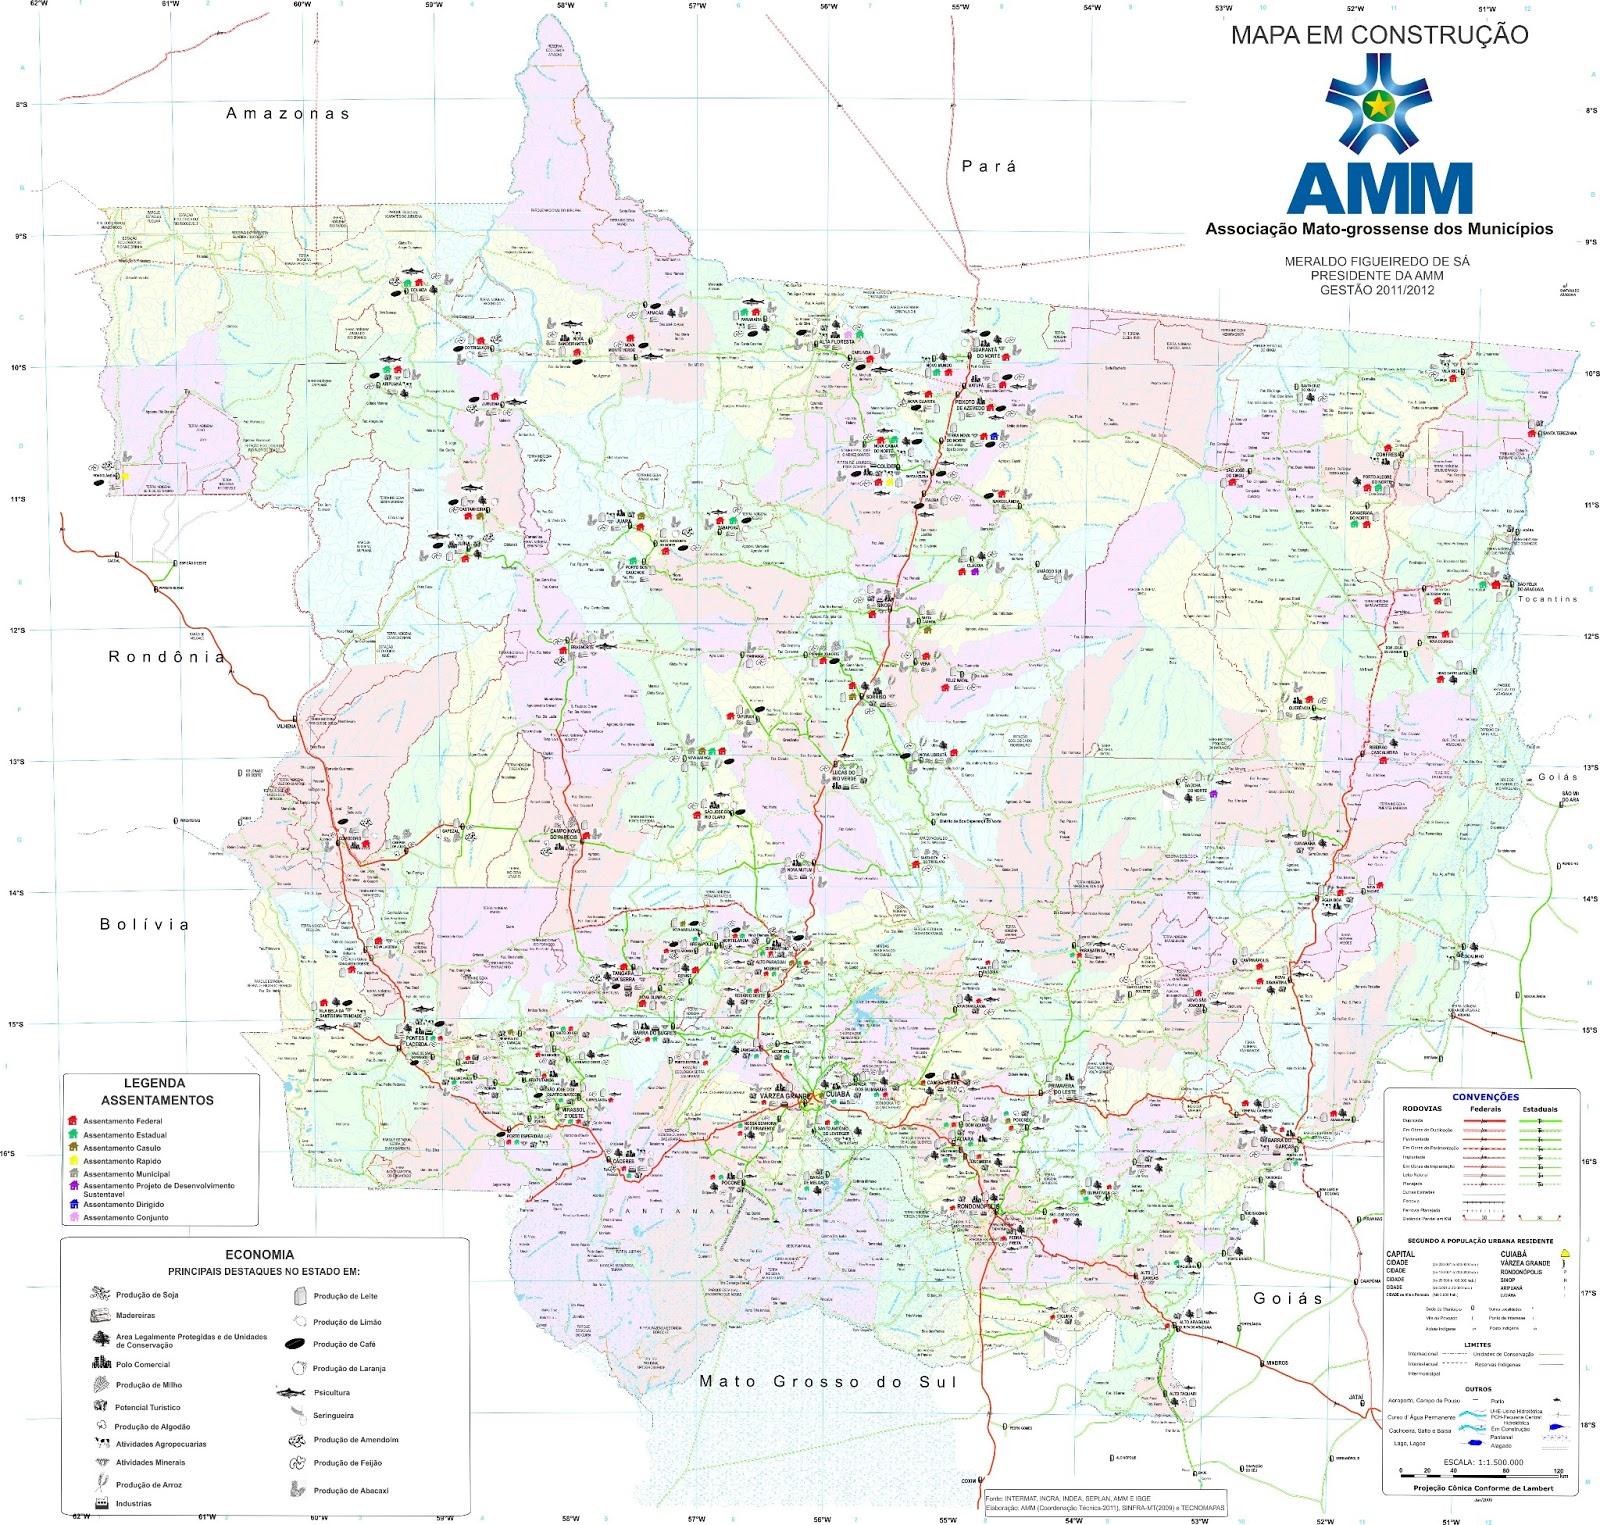 Recursos Econômicos de Mato Grosso